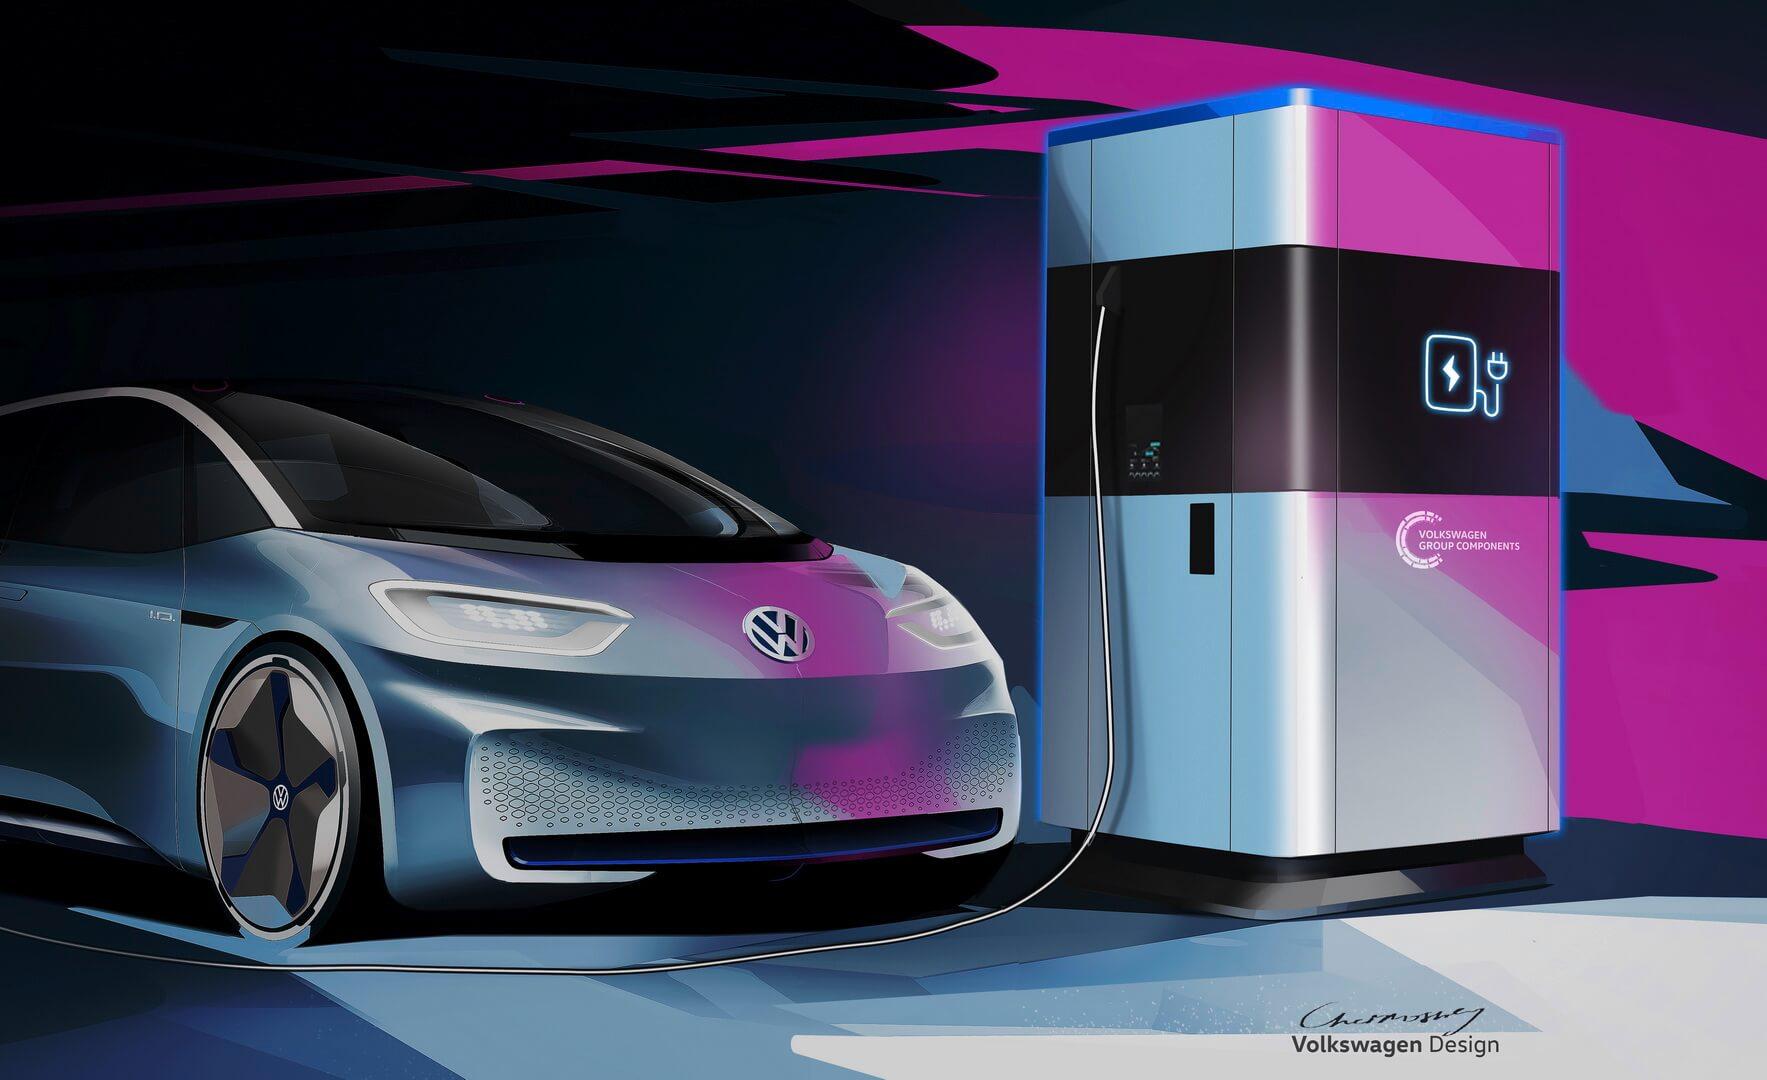 Volkswagen анонсировал проект мобильной зарядной станции с батареей на 360 кВт⋅ч